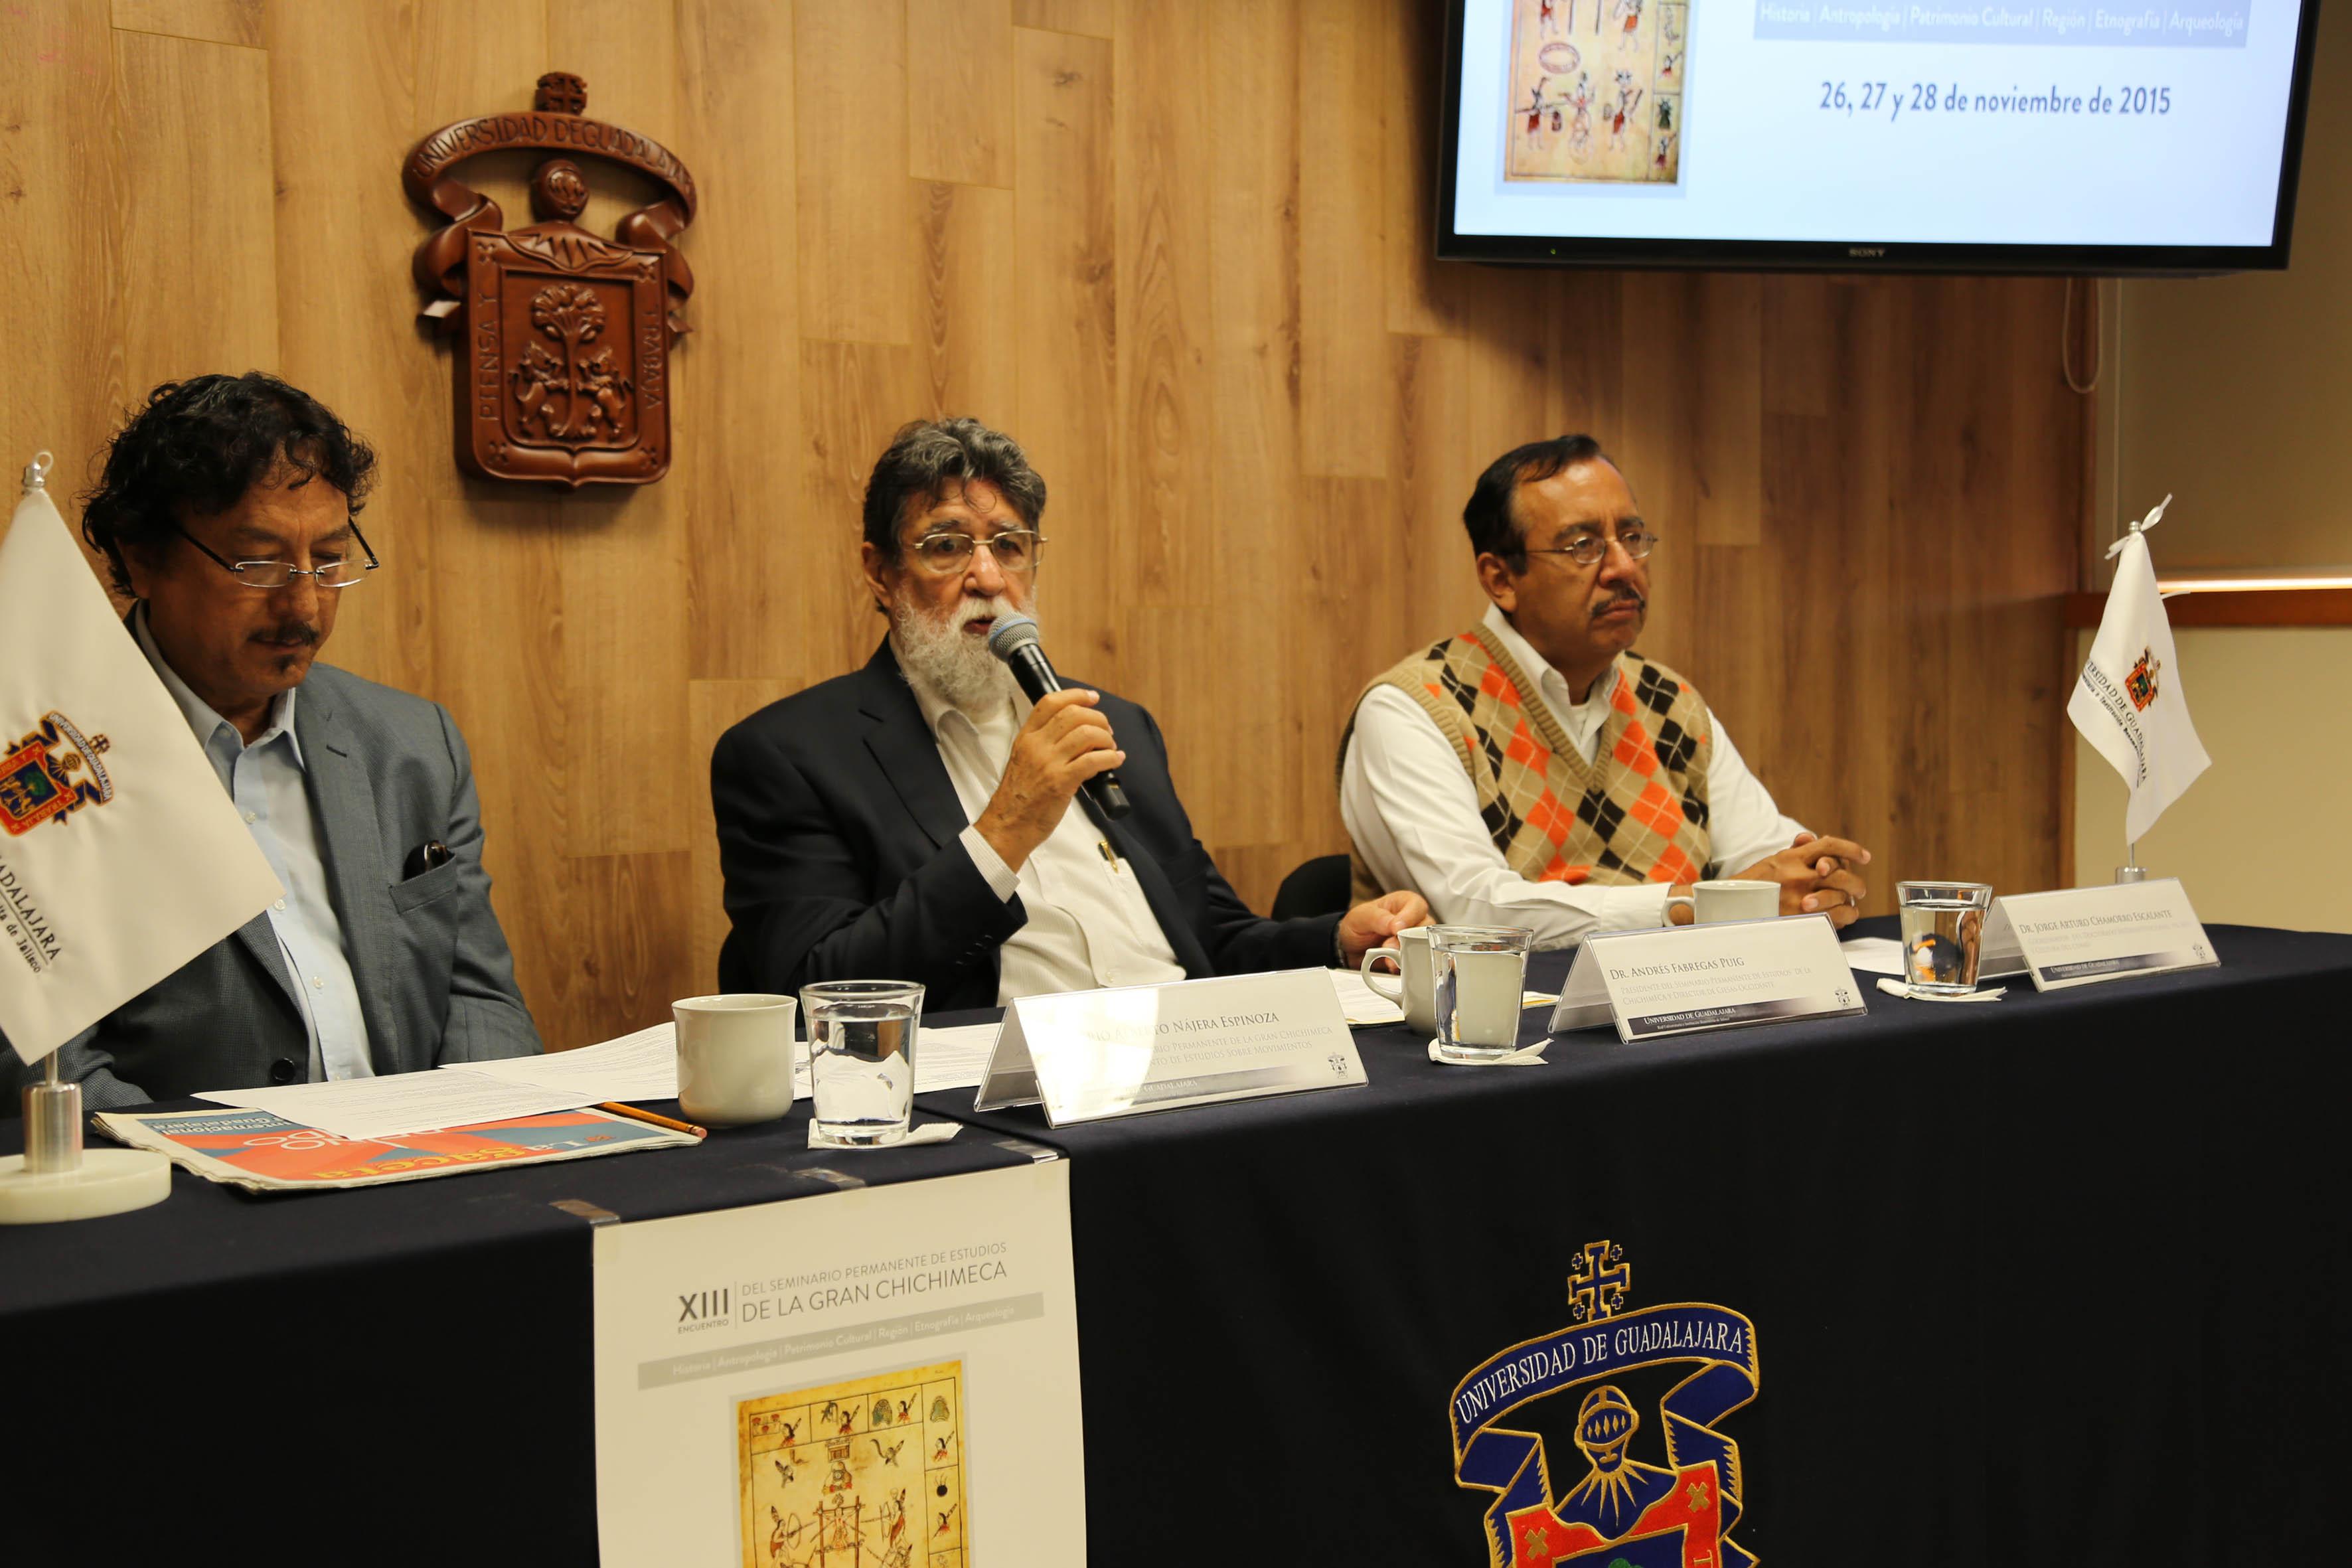 Dr. Andrés Fábregas, haciendo uso de la voz